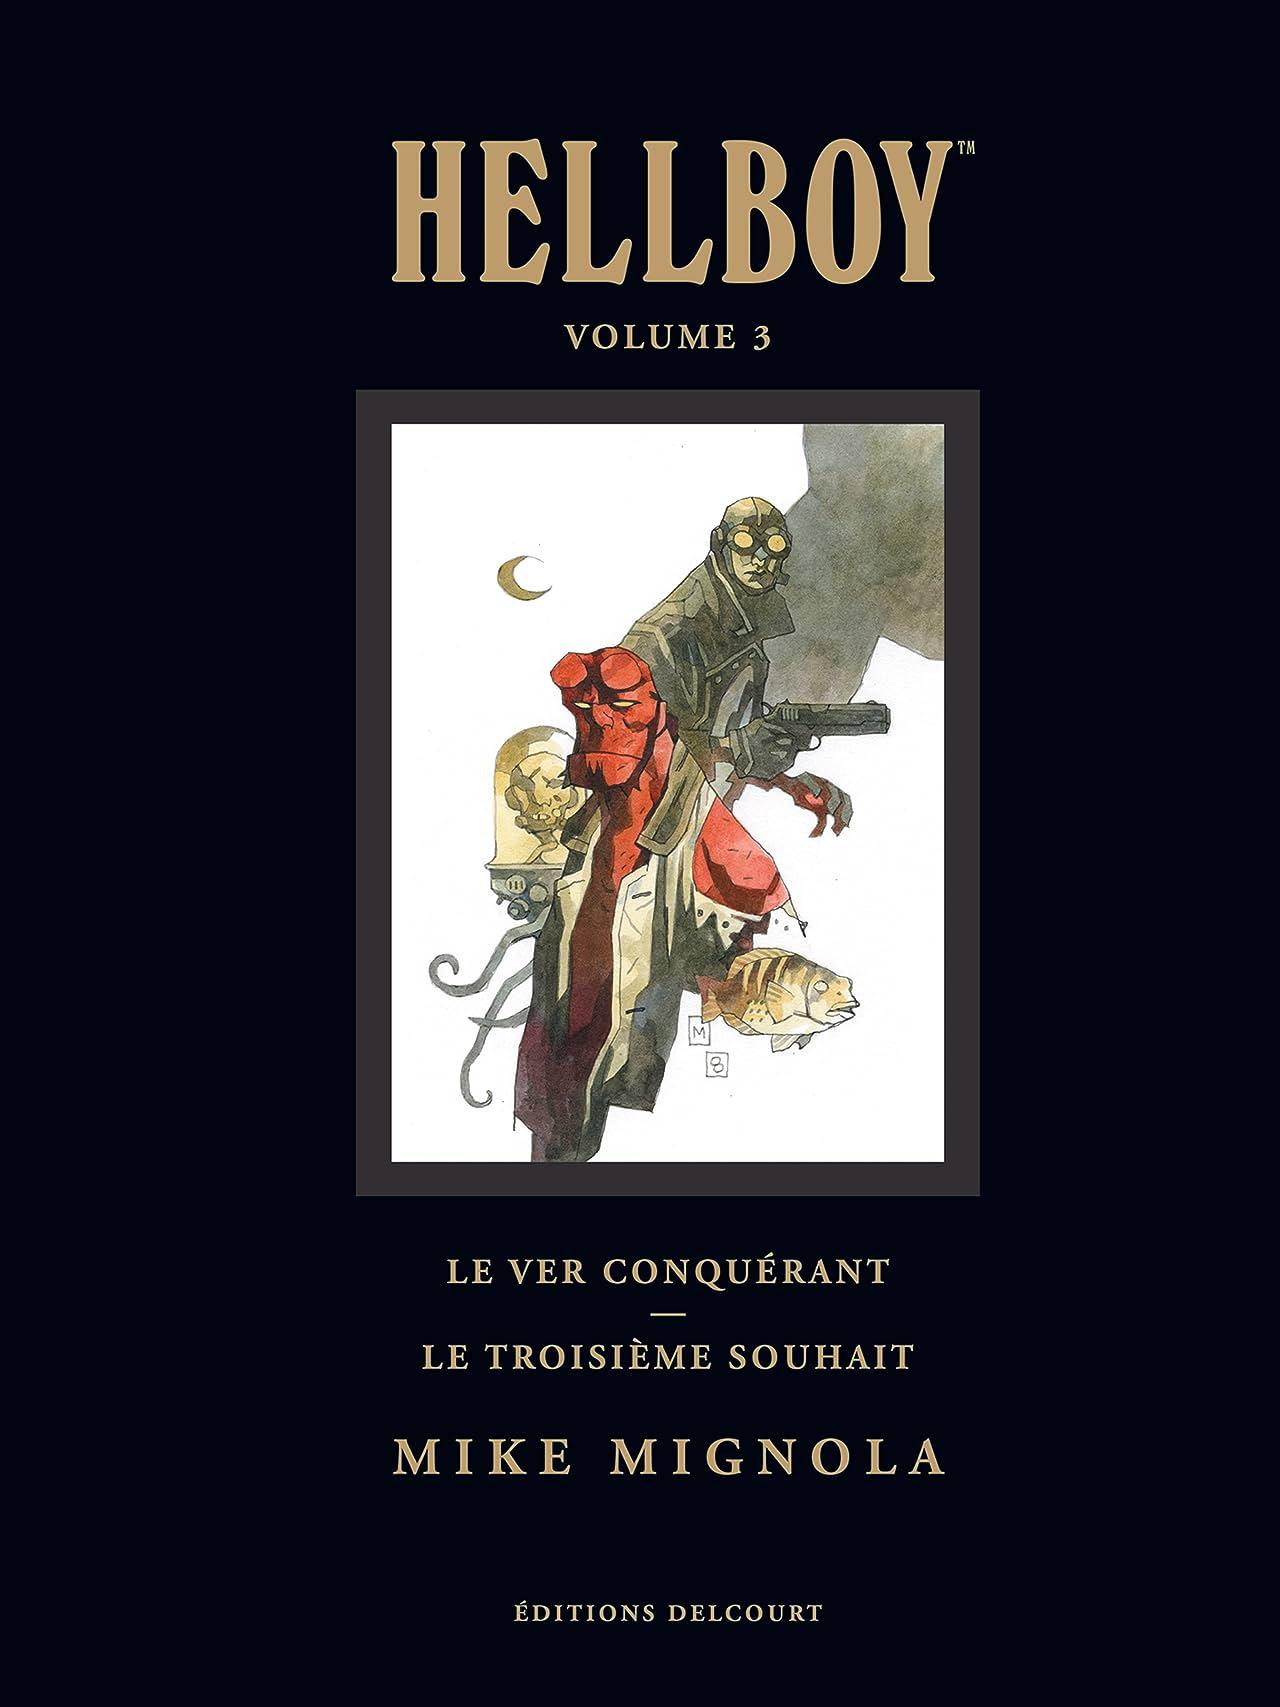 Hellboy Deluxe Vol. 3